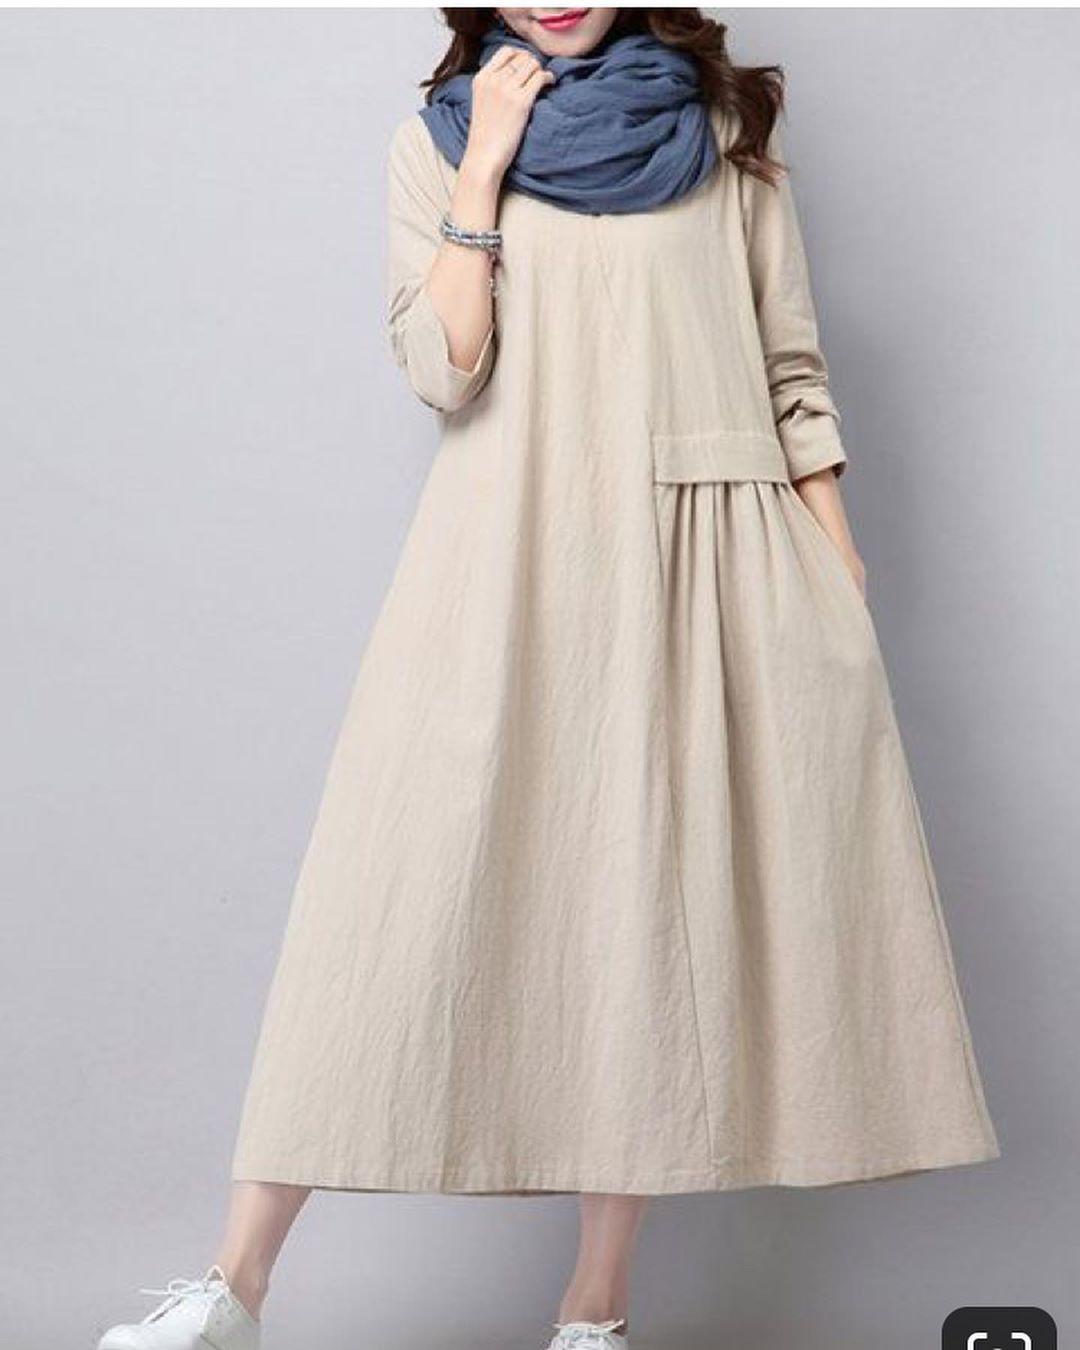 مدل مانتو تابستانی دخترانه با پارچه کتان خنک